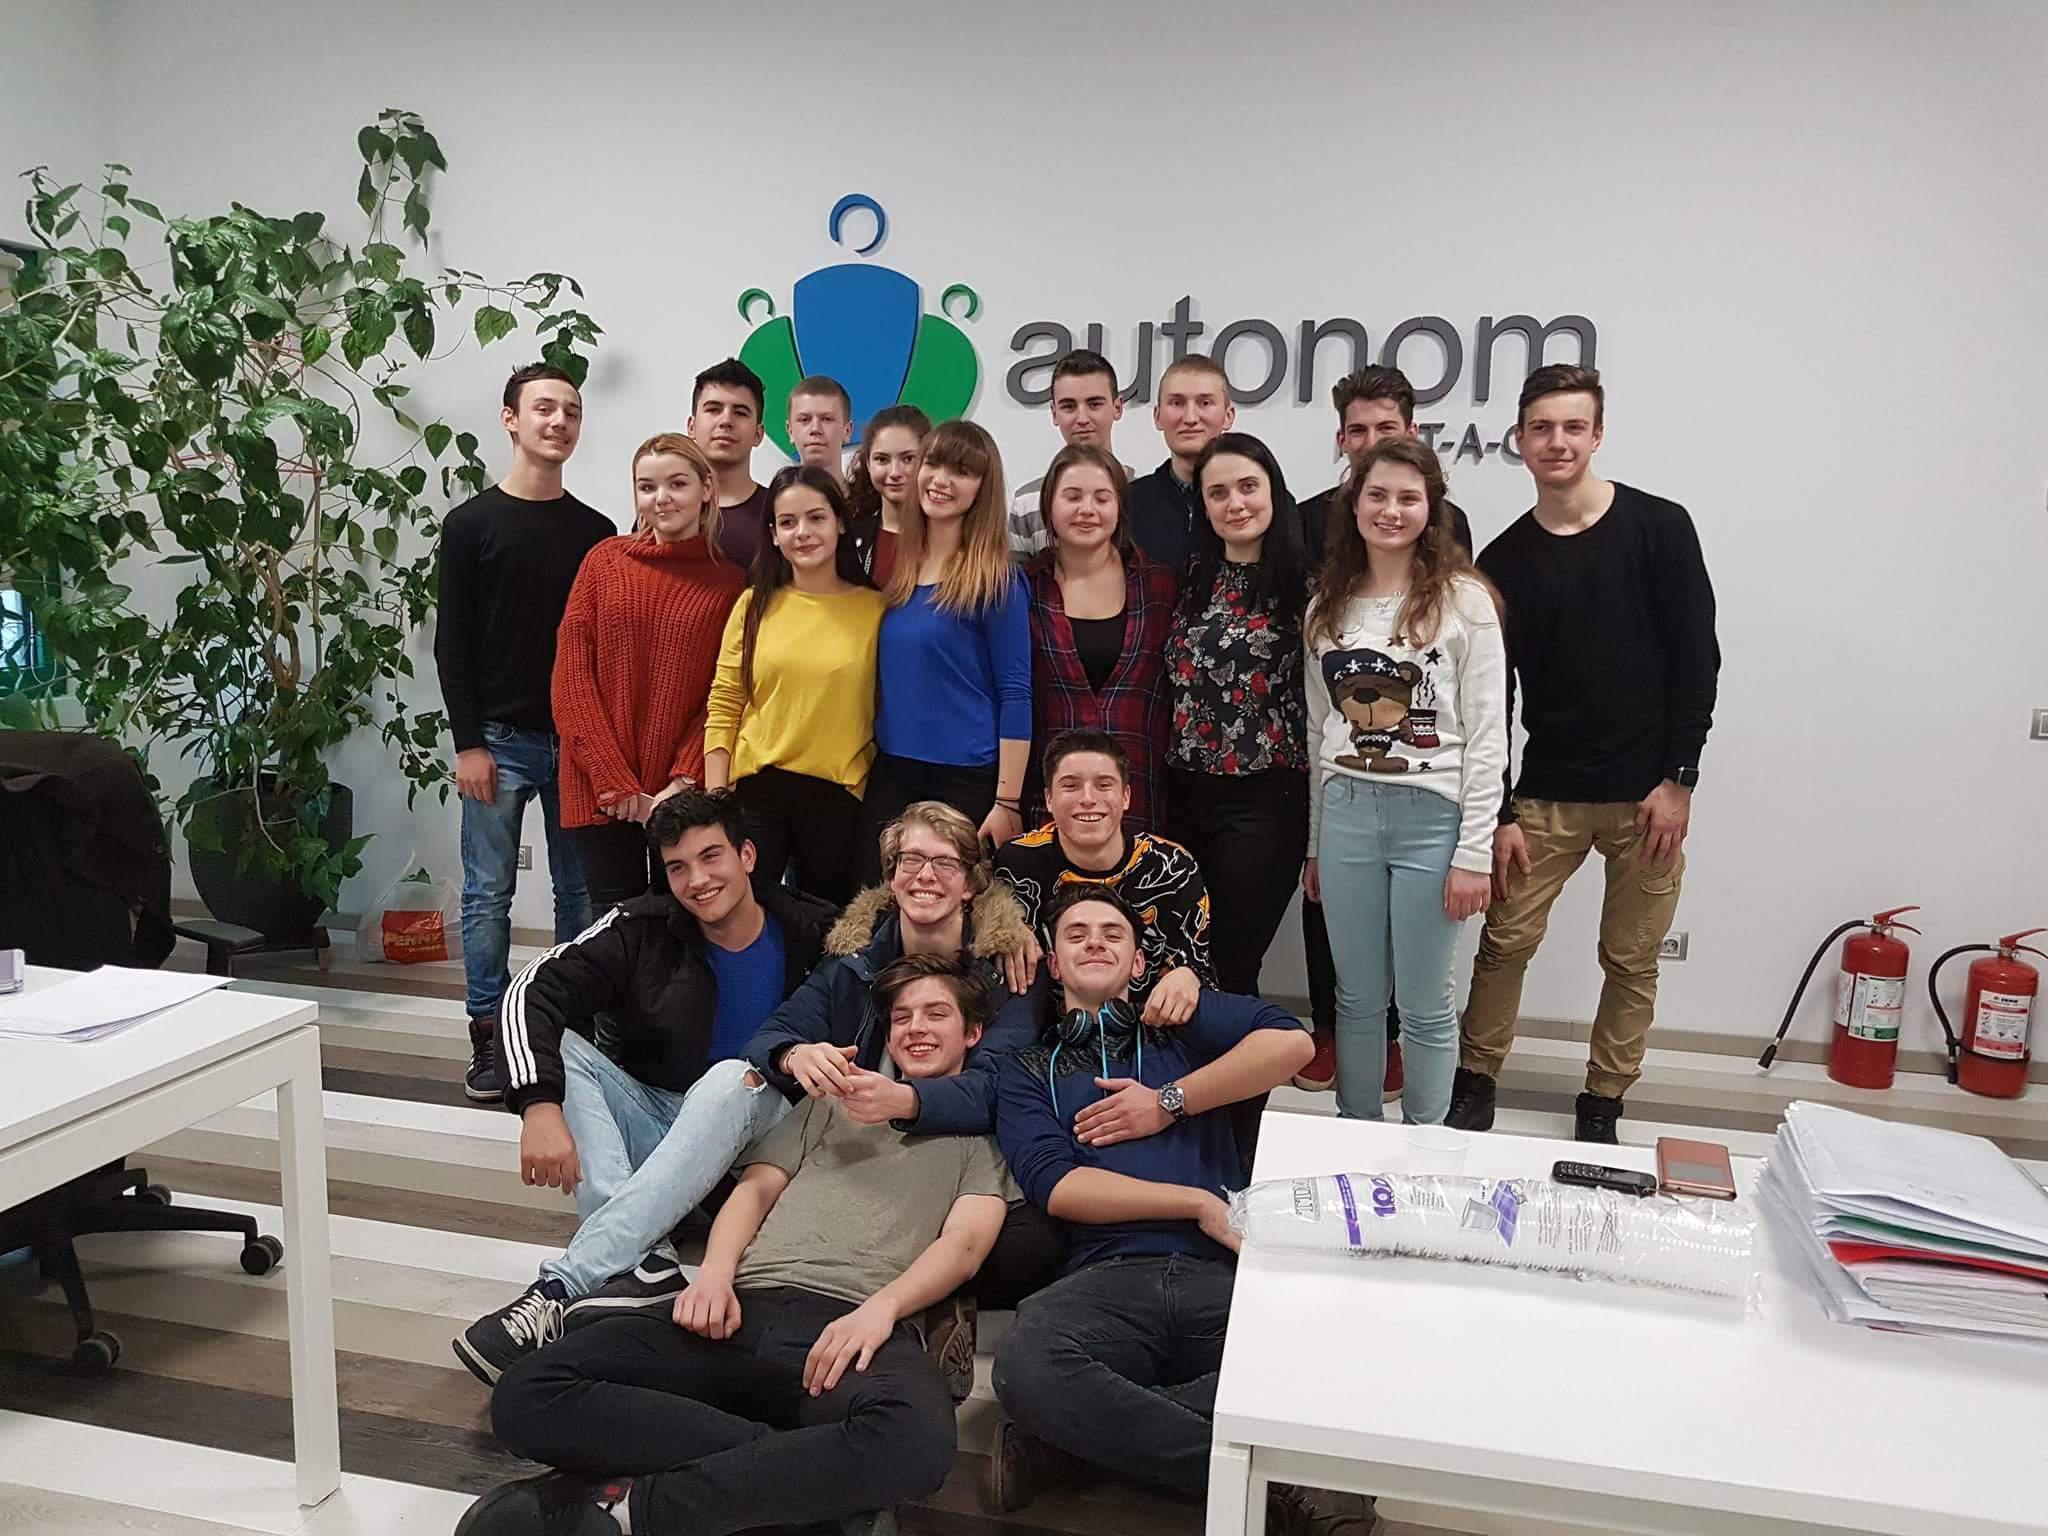 Fundația Autonom caută voluntari